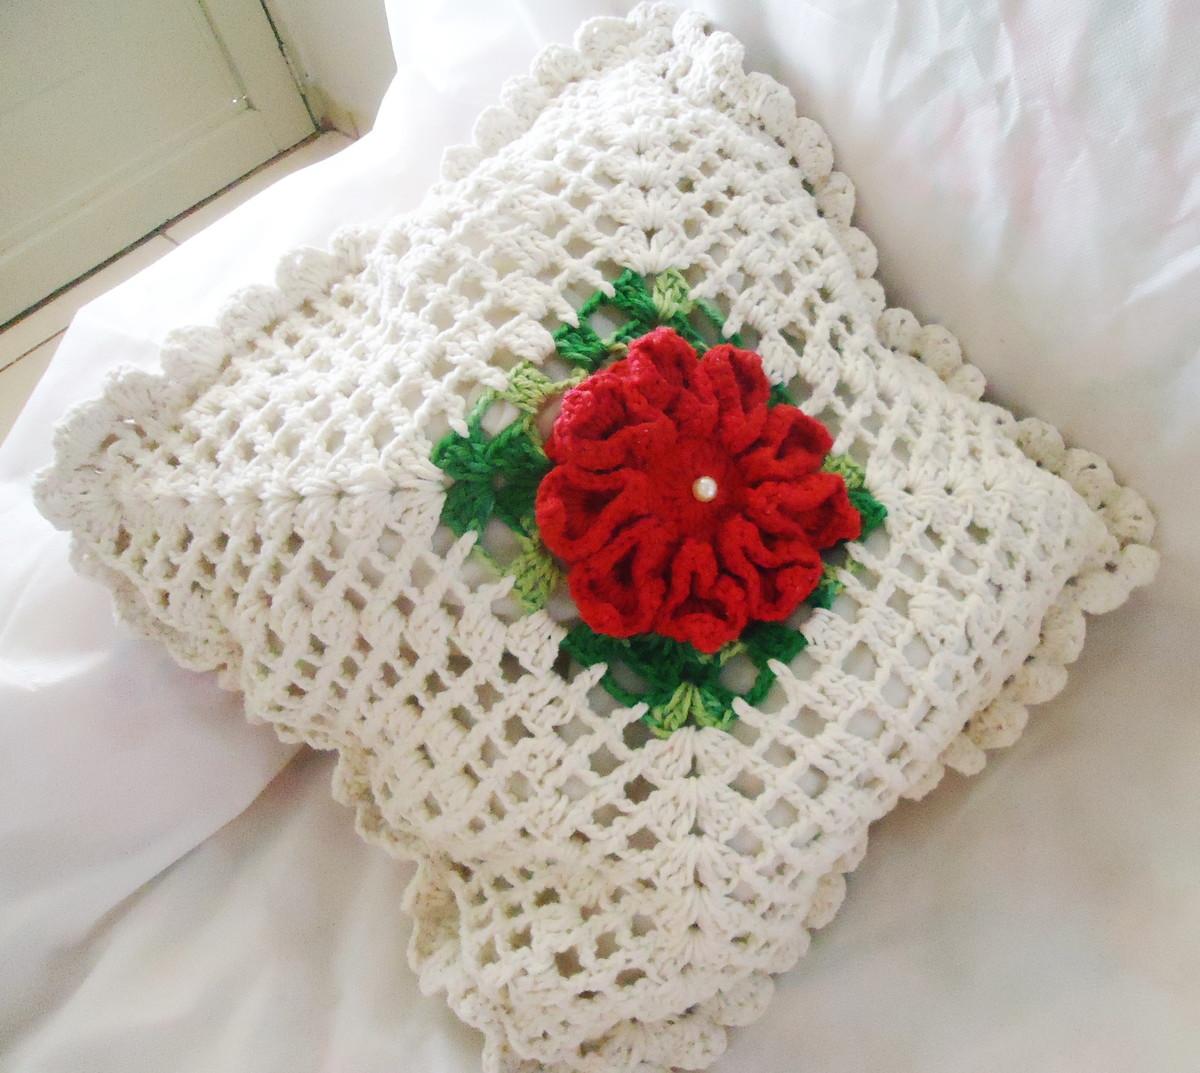 almofada de croche com flor no centro